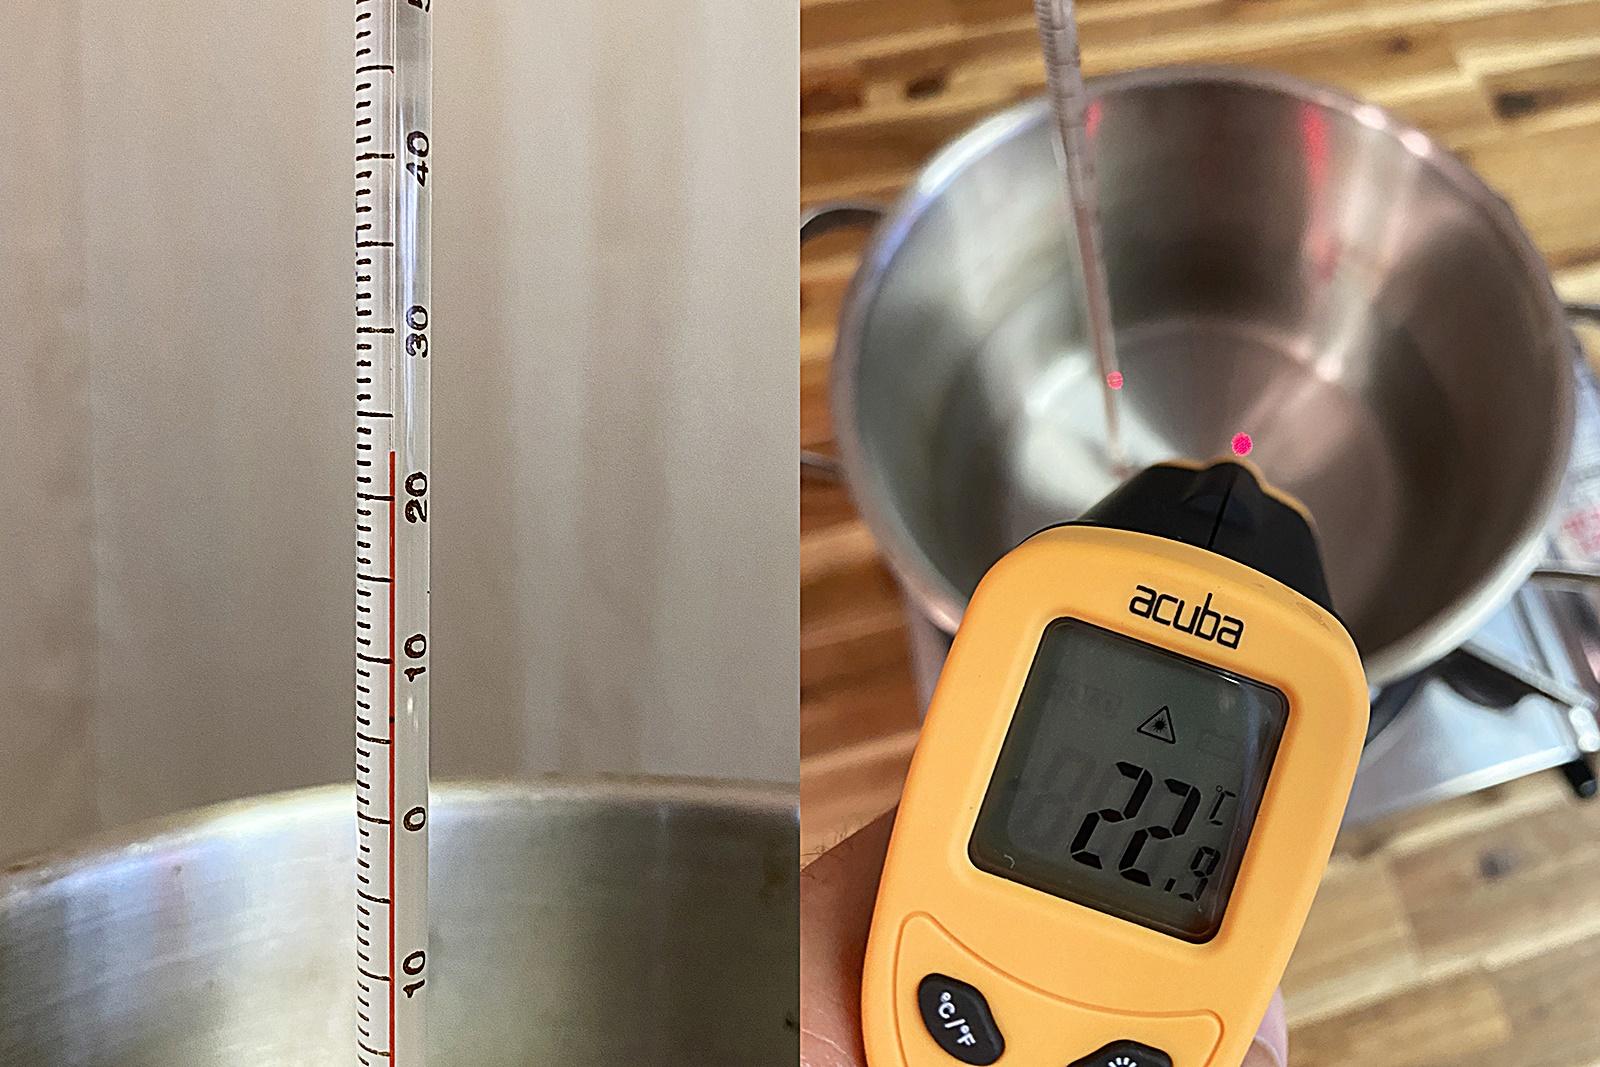 스테인리스 냄비 물 끓이며 온도계 비교 실험 1